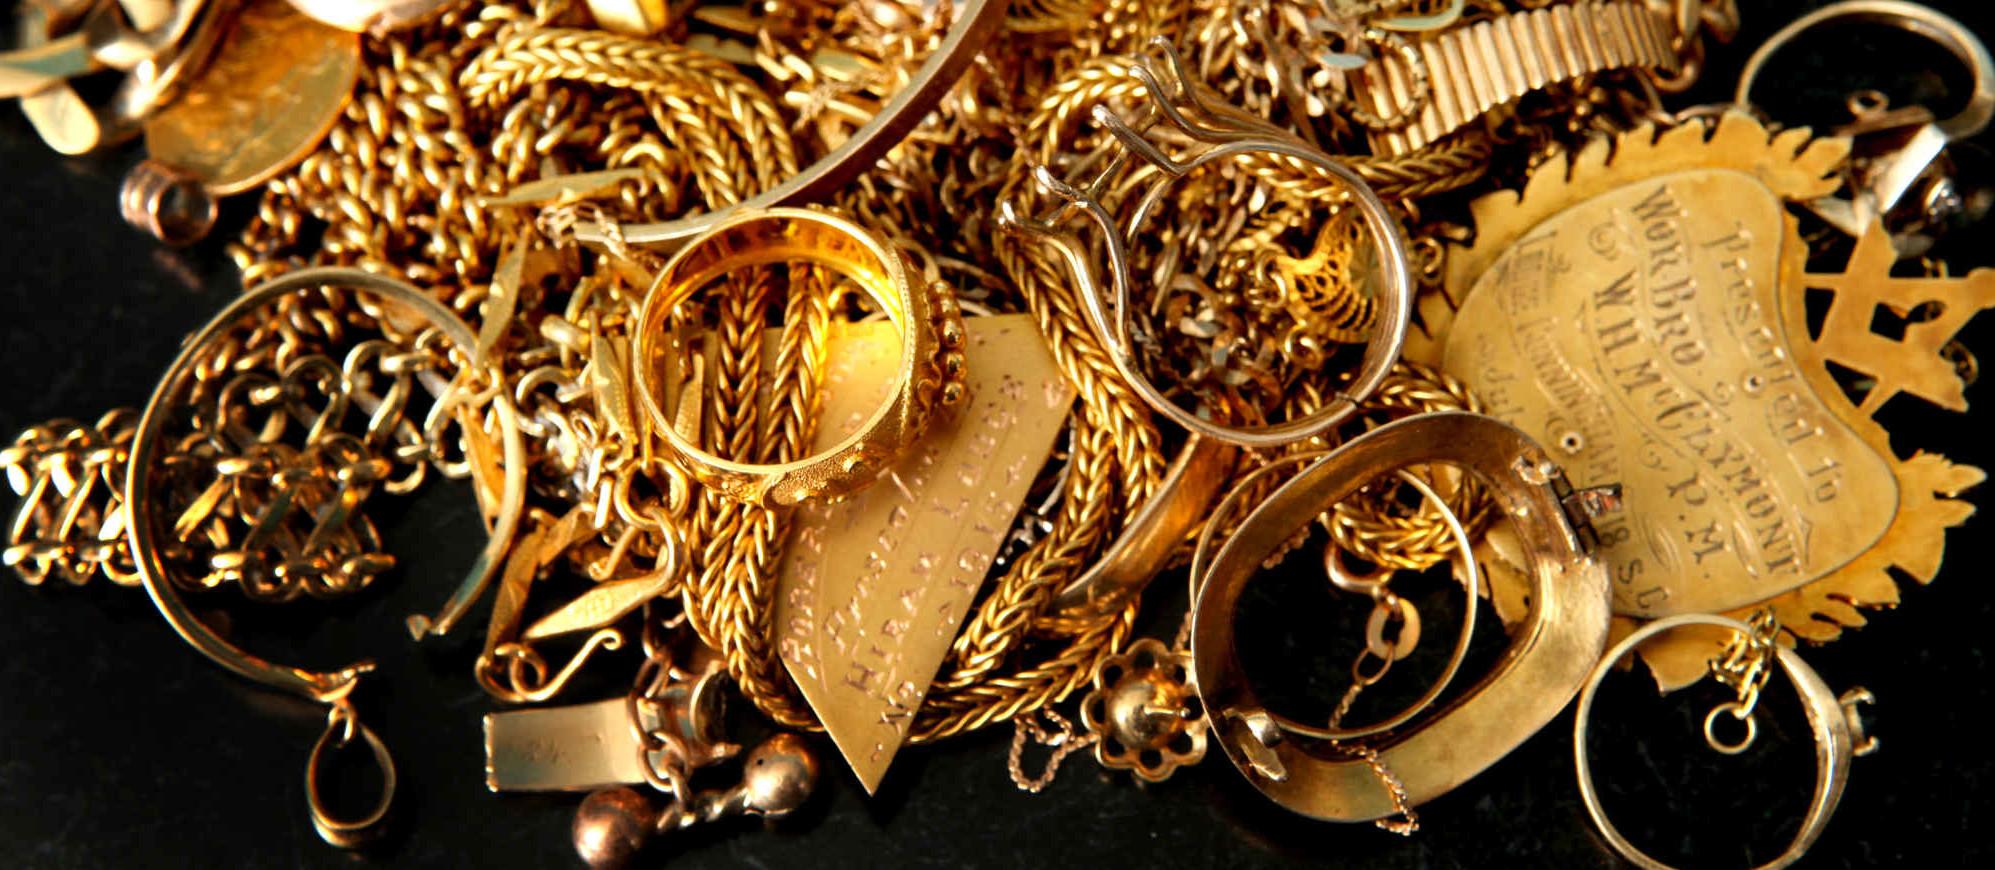 антикварные изделия из золота